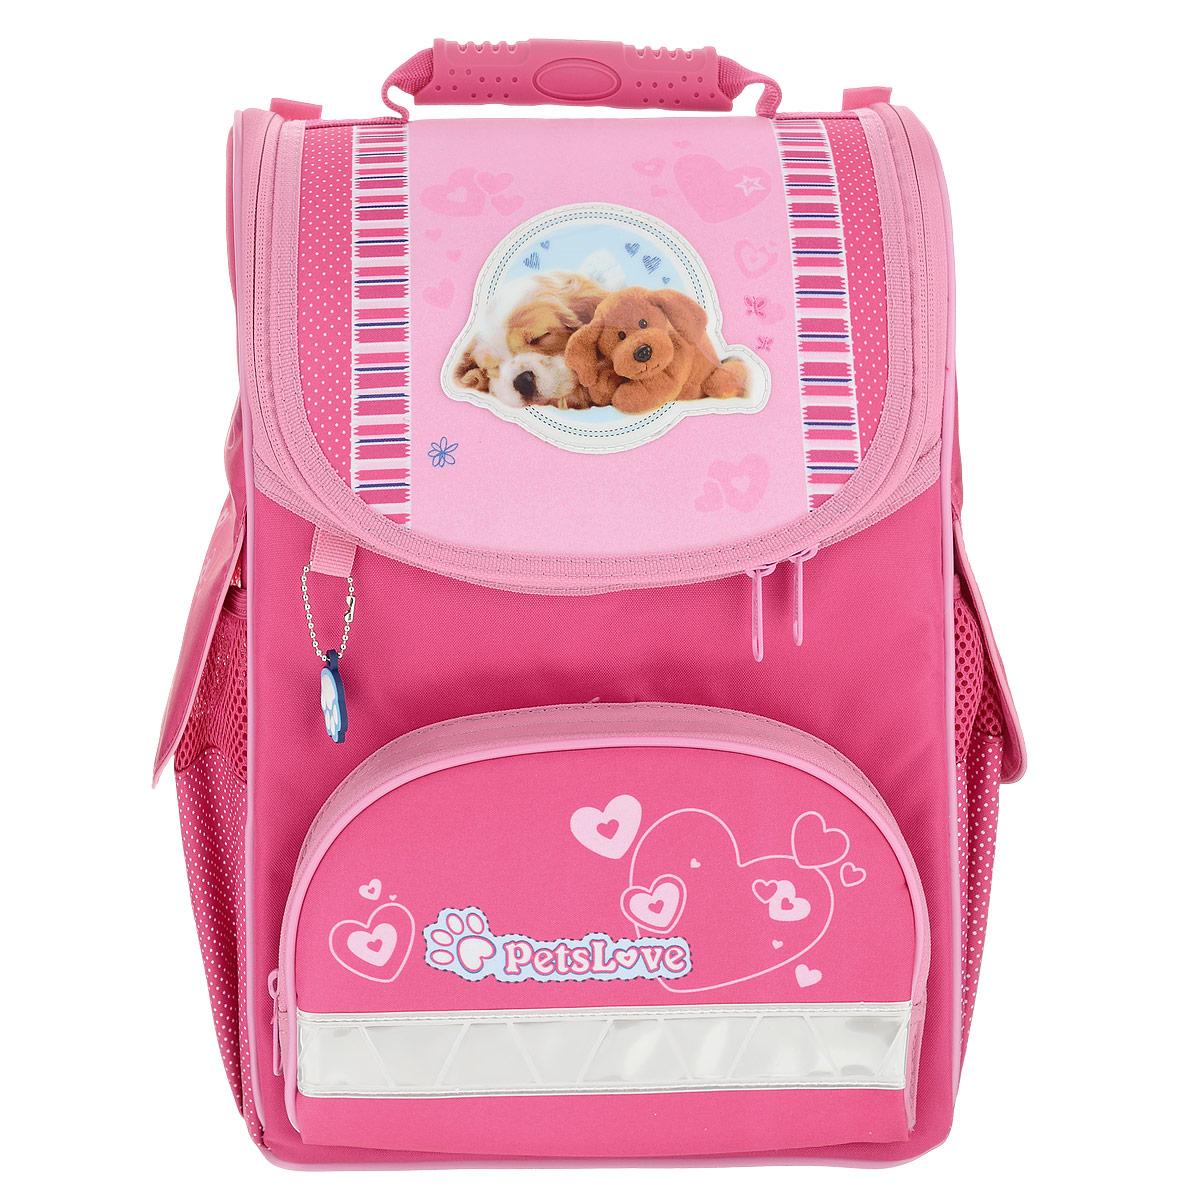 Ранец Hatber Pets Love, модель Ultra Compact, цвет: розовый - HatberNRk_30656Ранец Hatber Pets Love идеально подойдет для школьников! Ранец выполнен из водонепроницаемого, морозоустойчивого, устойчивого к солнечному излучению материала. Изделие оформлено изображениями в виде милых собачек и брелоком. Содержит одно вместительное отделение, закрывающееся клапаном на замок-молнию с двумя бегунками. Внутри отделения имеются две мягких перегородки для тетрадей, учебников. Клапан полностью откидывается, что существенно облегчает пользование ранцем. Ранец имеет два боковых кармана на резинке, закрывающиеся на липучки. Лицевая сторона ранца оснащена накладным карманом на молнии. Спинка ранца достаточно твердая. В нижней части спины расположен поясничный упор - небольшой валик, на который при правильном ношении ранца будет приходиться основная нагрузка. Ранец оснащен ручкой с резиновой насадкой для удобной переноски. Мягкие и широкие лямки регулируются по длине. Дно ранца из износостойкого водонепроницаемого материала легко очищается от...